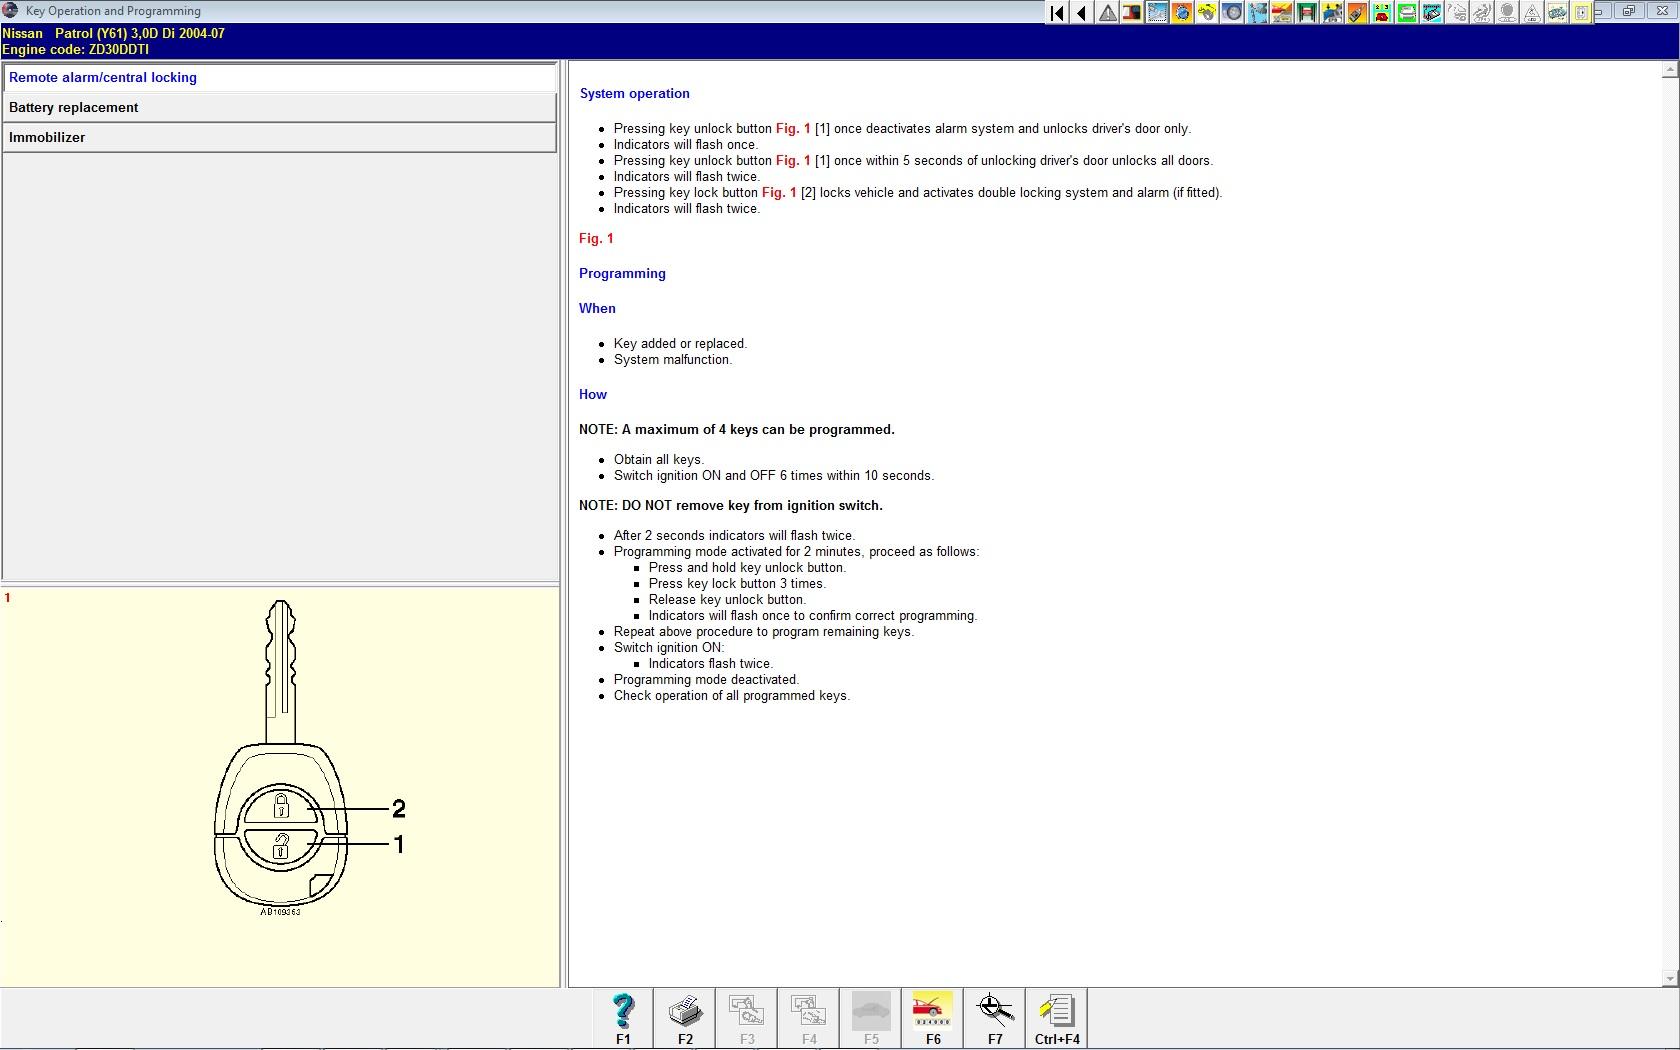 90ac7883-c285-4fda-a696-c427a14ad896_Nissan patrol key programming.jpg